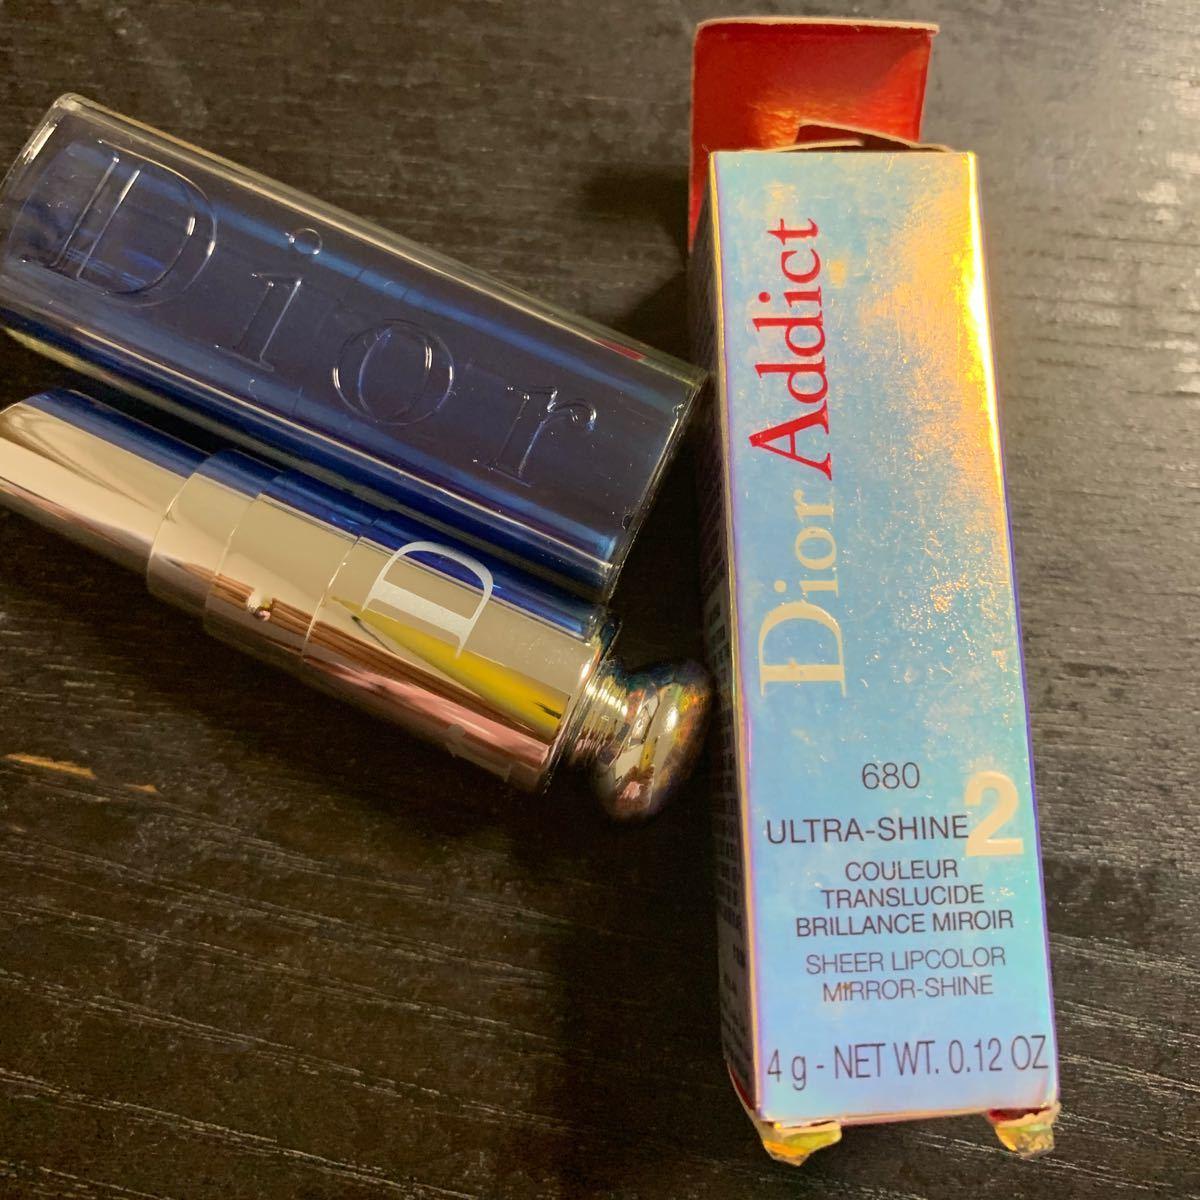 DIOR ディオール ESTEE LAUDER リップスティック セット Dior リップグロス